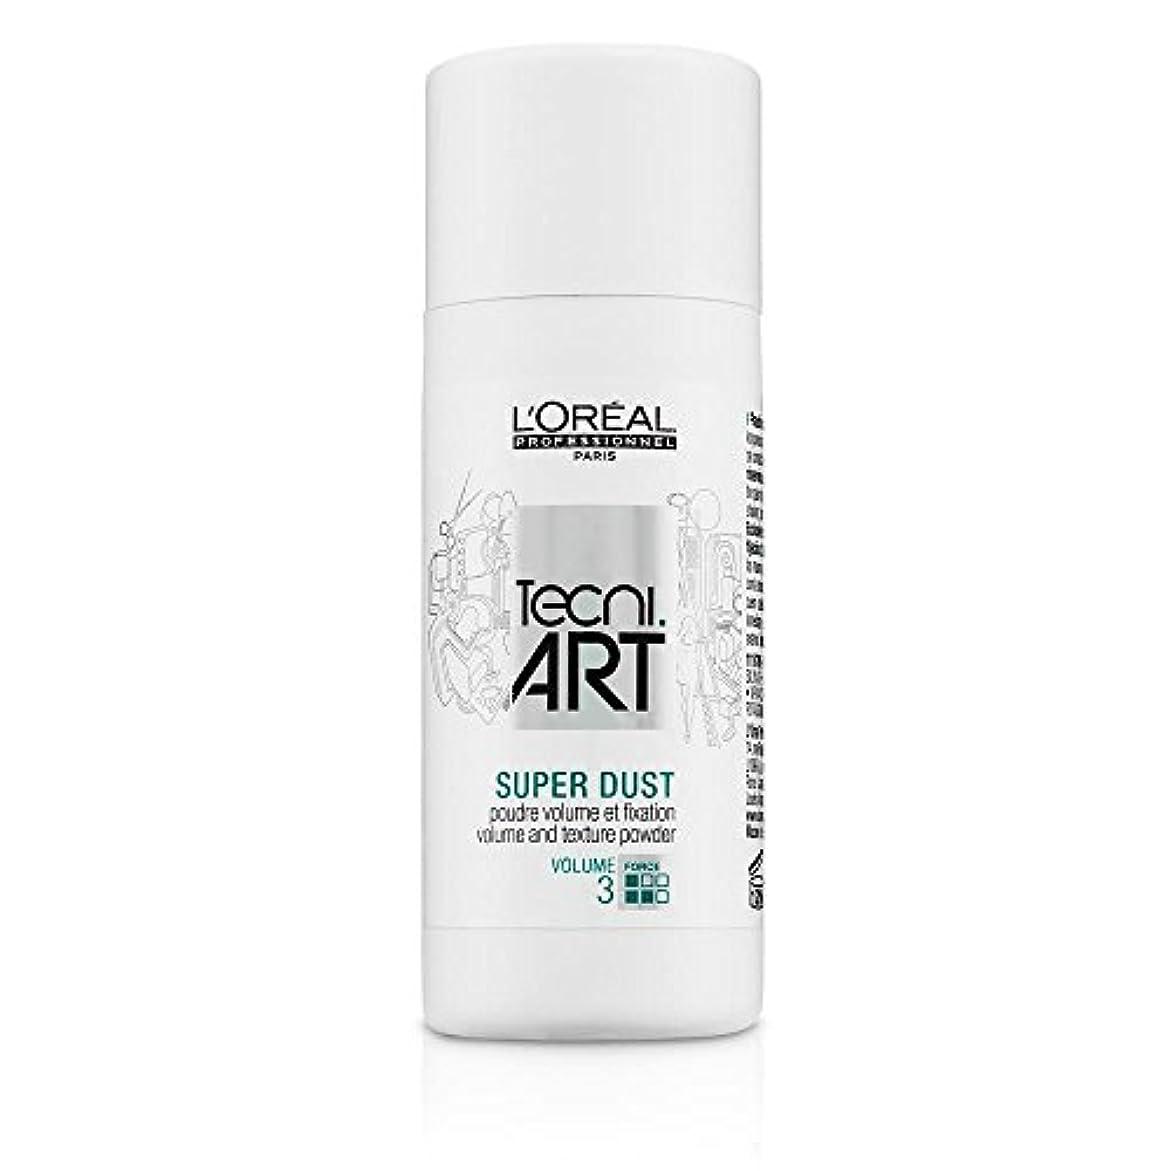 診療所静脈朝L'Oreal Tecni Art Super Dust - Volume And Texture Powder 7g [並行輸入品]